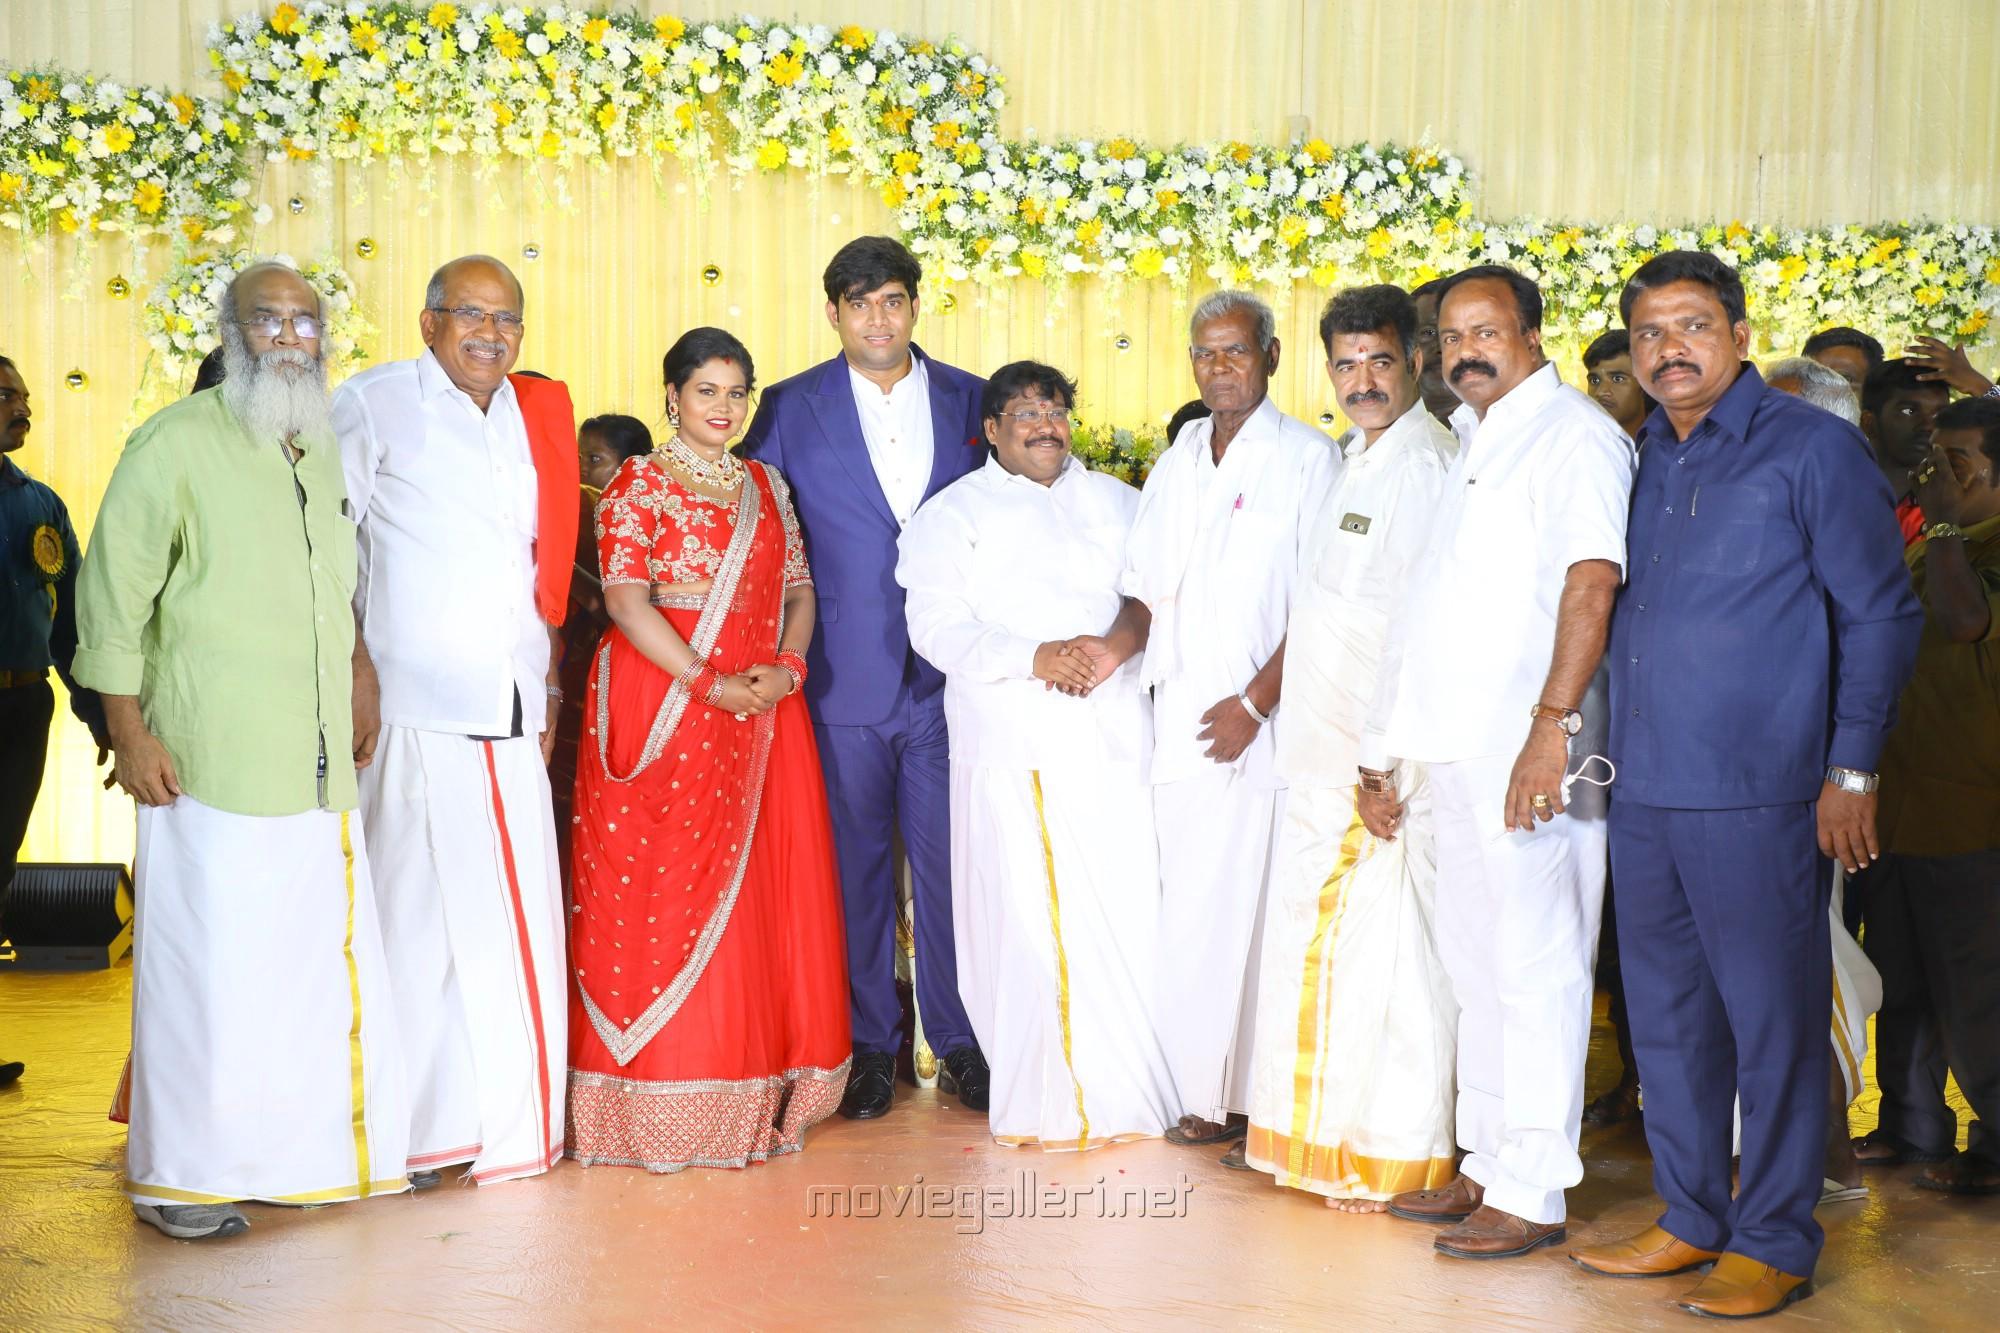 Velu Prabhakaran, Nallakannu @ Salem RR Briyani Tamilselvan daughter Wedding Reception Stills